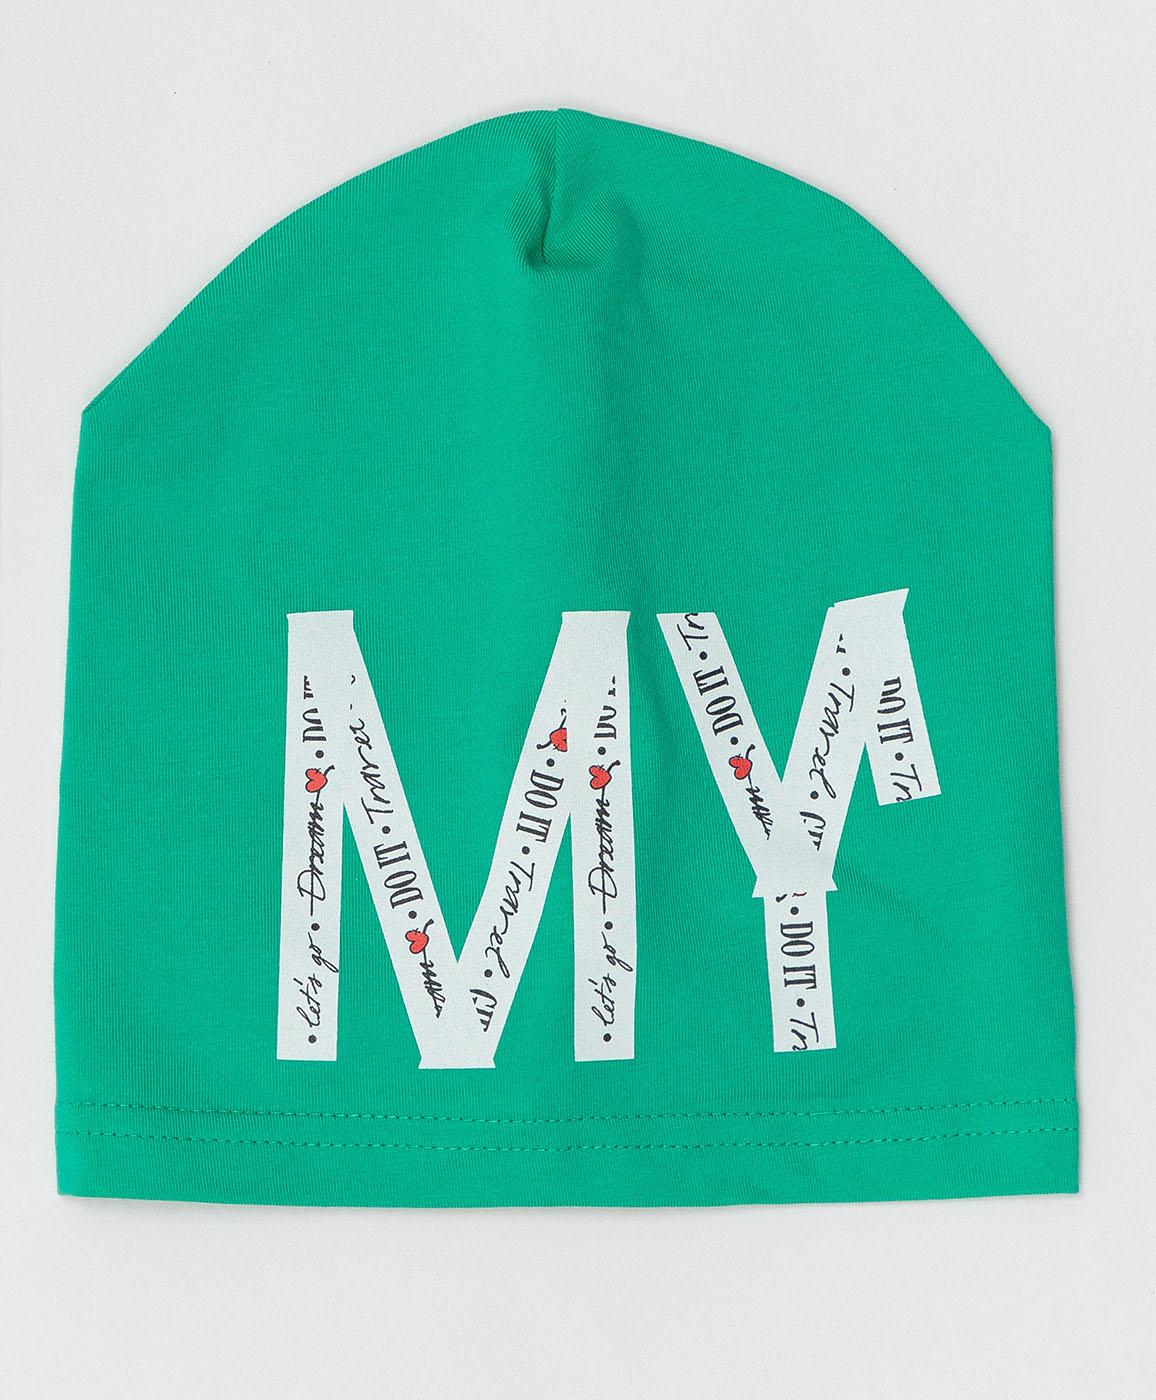 Купить 120BBGX73034800, Трикотажная шапка Button Blue, зеленый, 56, Женский, ВЕСНА/ЛЕТО 2020 (shop: GulliverMarket Gulliver Market)